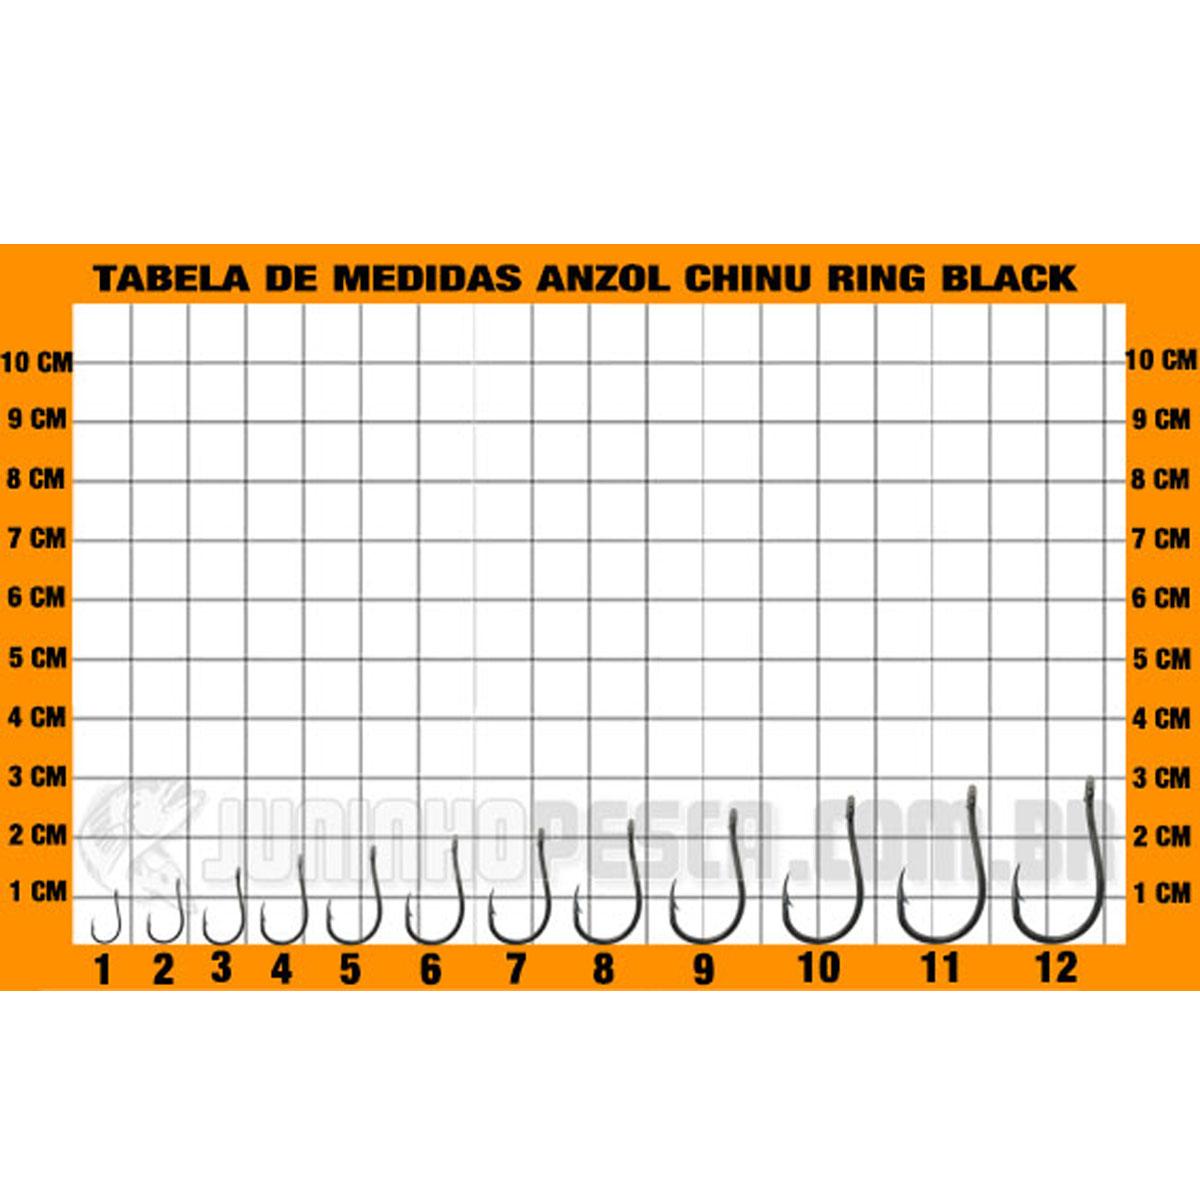 Anzol Pinnacle Chinu Ring Black nº 05  - Pró Pesca Shop